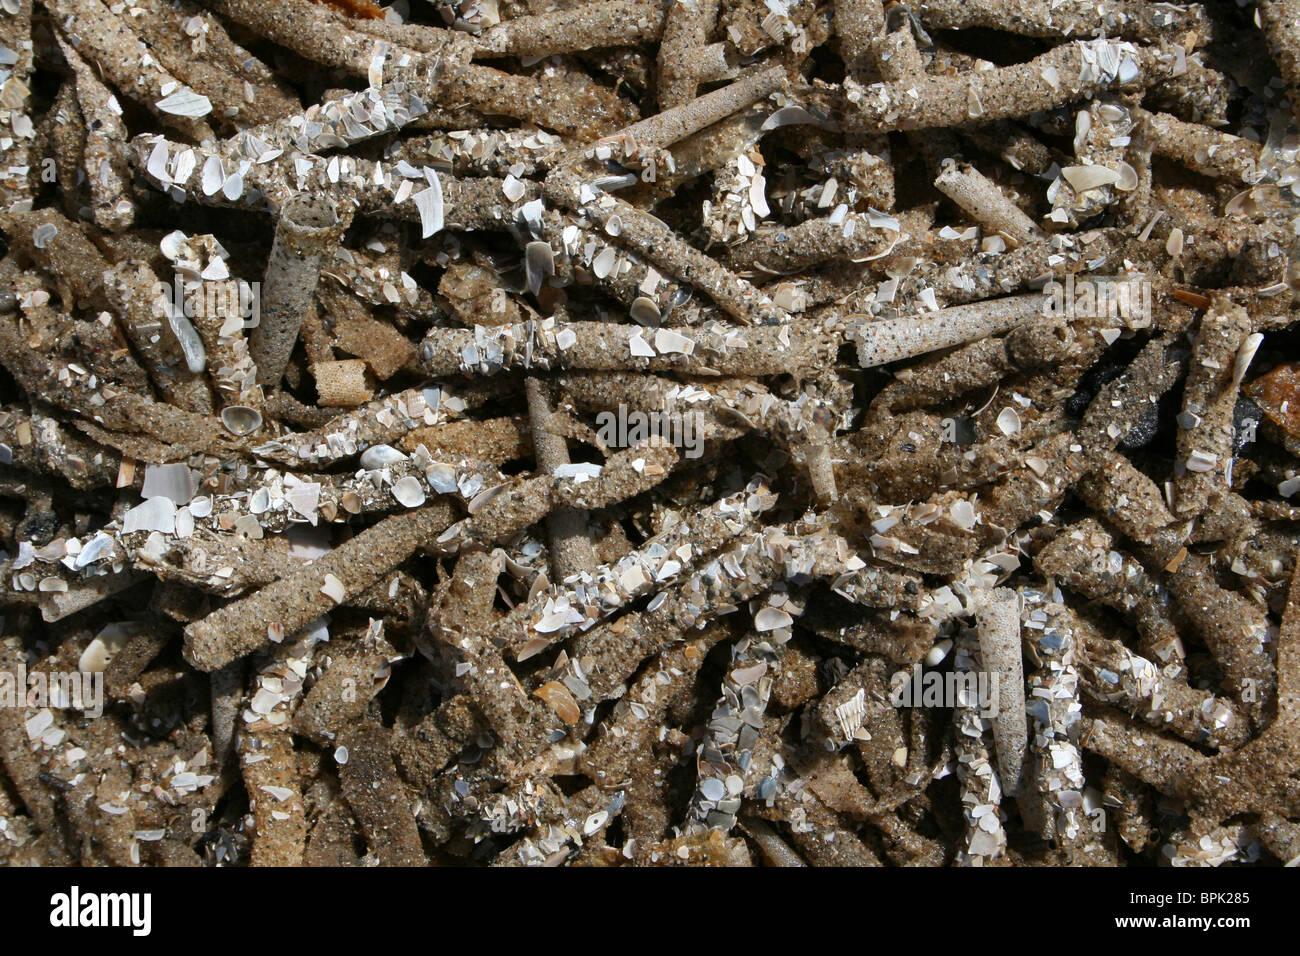 Sand Mason Worm Tubes Lanice conchilega Washed Up On Formby Beach, Sefton Coast, UK Stock Photo